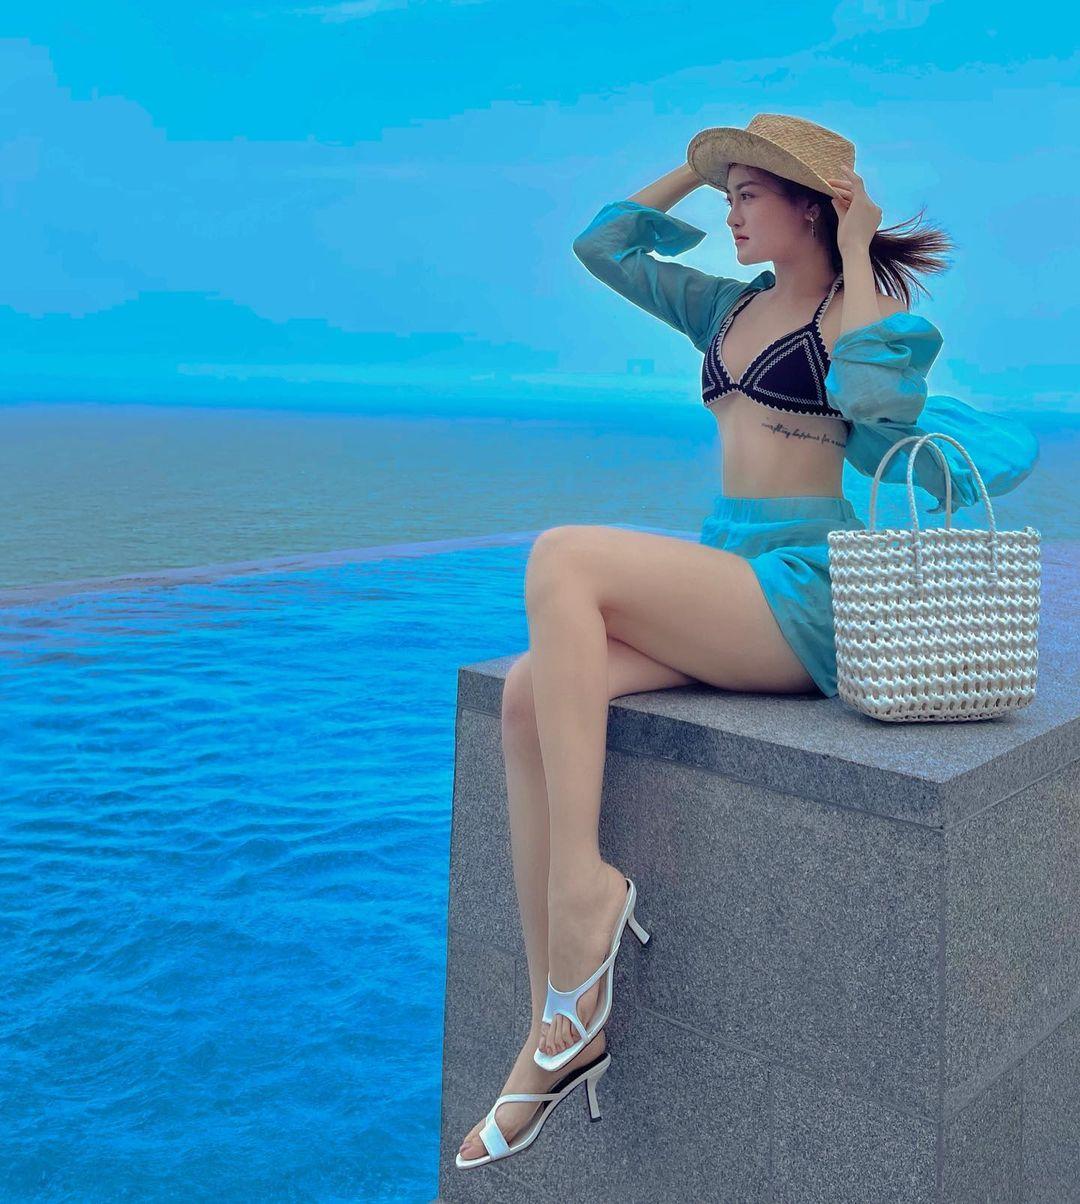 Diện bikini cùng set đồ voan bay bổng, Thùy Anh khoe đường cong nửa kín nửa hở và hình xăm ở chân ngực.